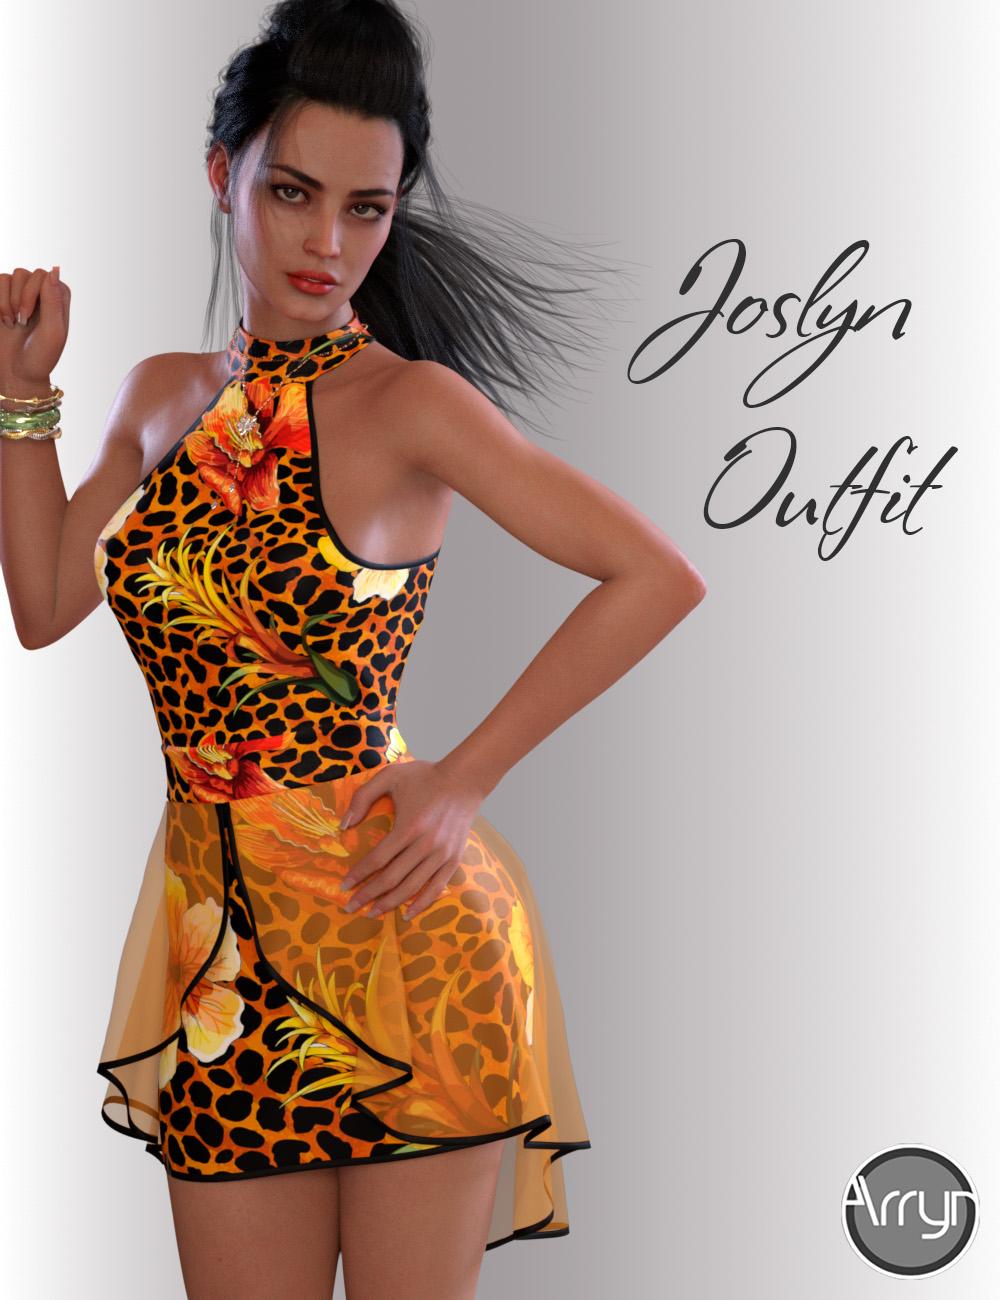 dForce Joslyn Candy Outfit for Genesis 8 Female(s) by: OnnelArryn, 3D Models by Daz 3D